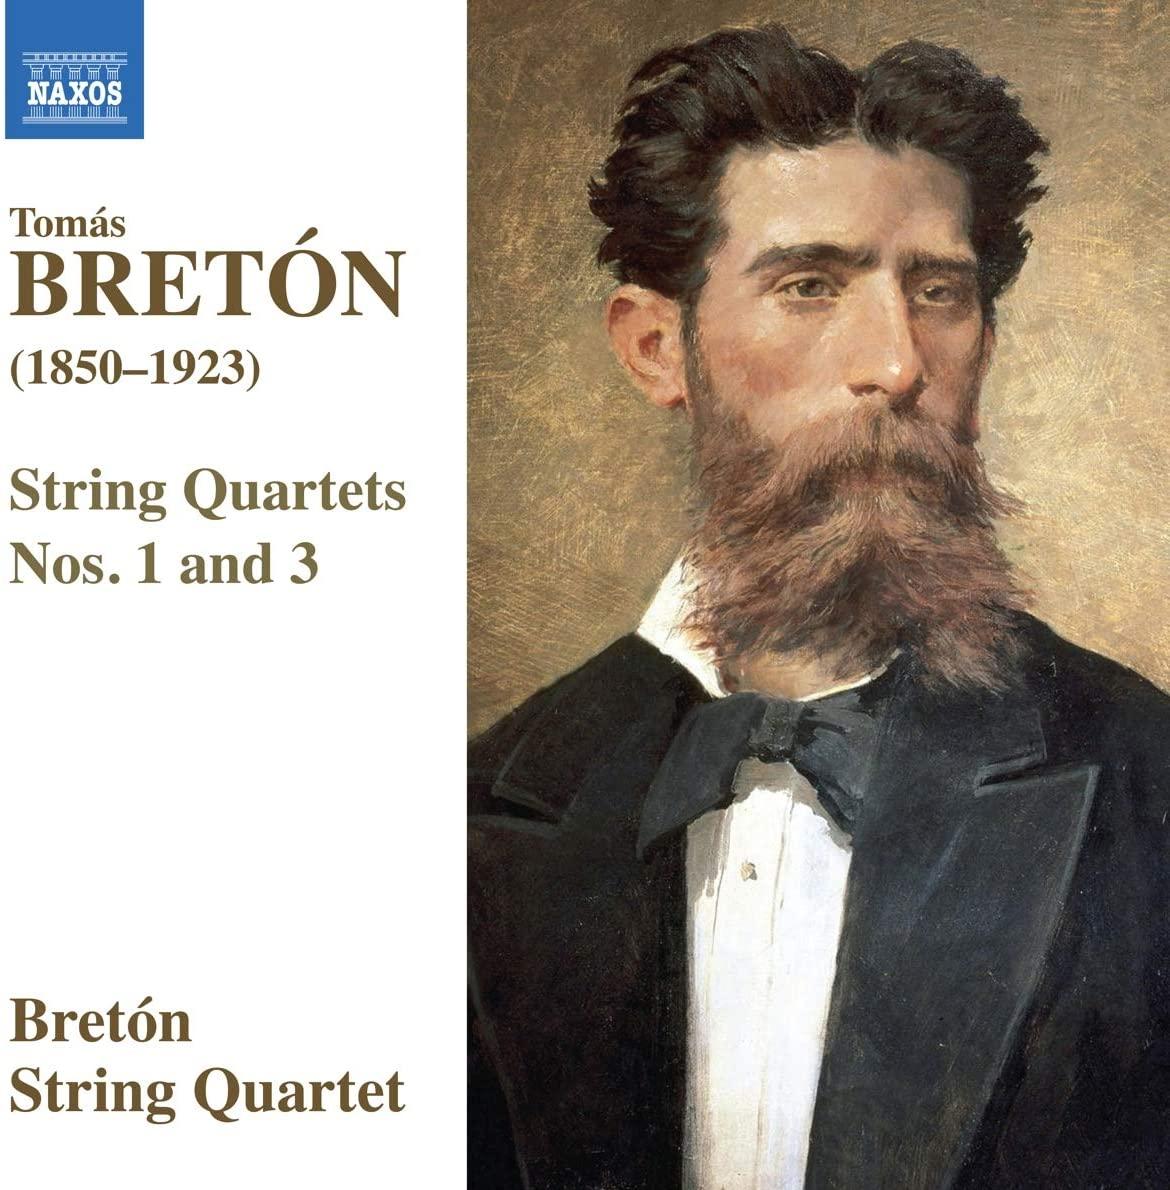 Review of BRETÓN String Quartets Nos 1 & 3